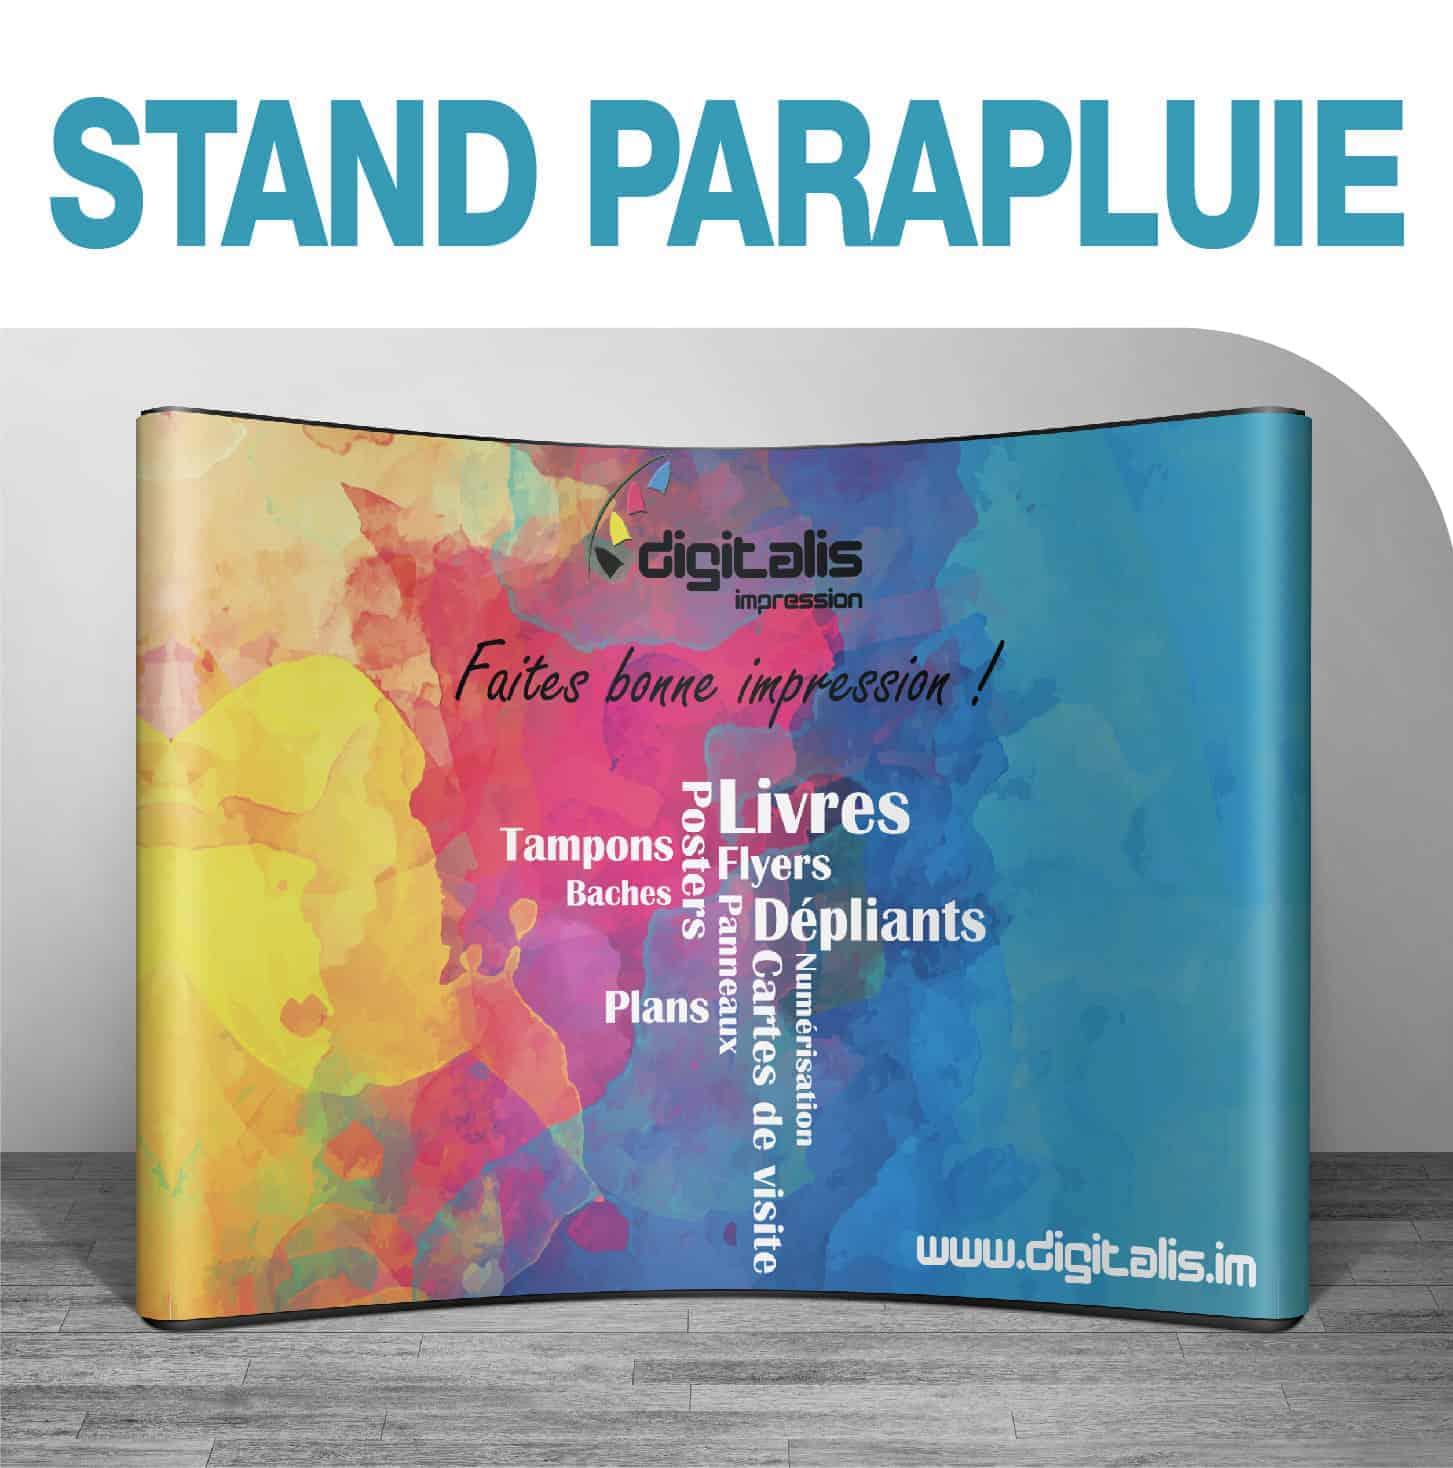 STAND PARAPLUIE